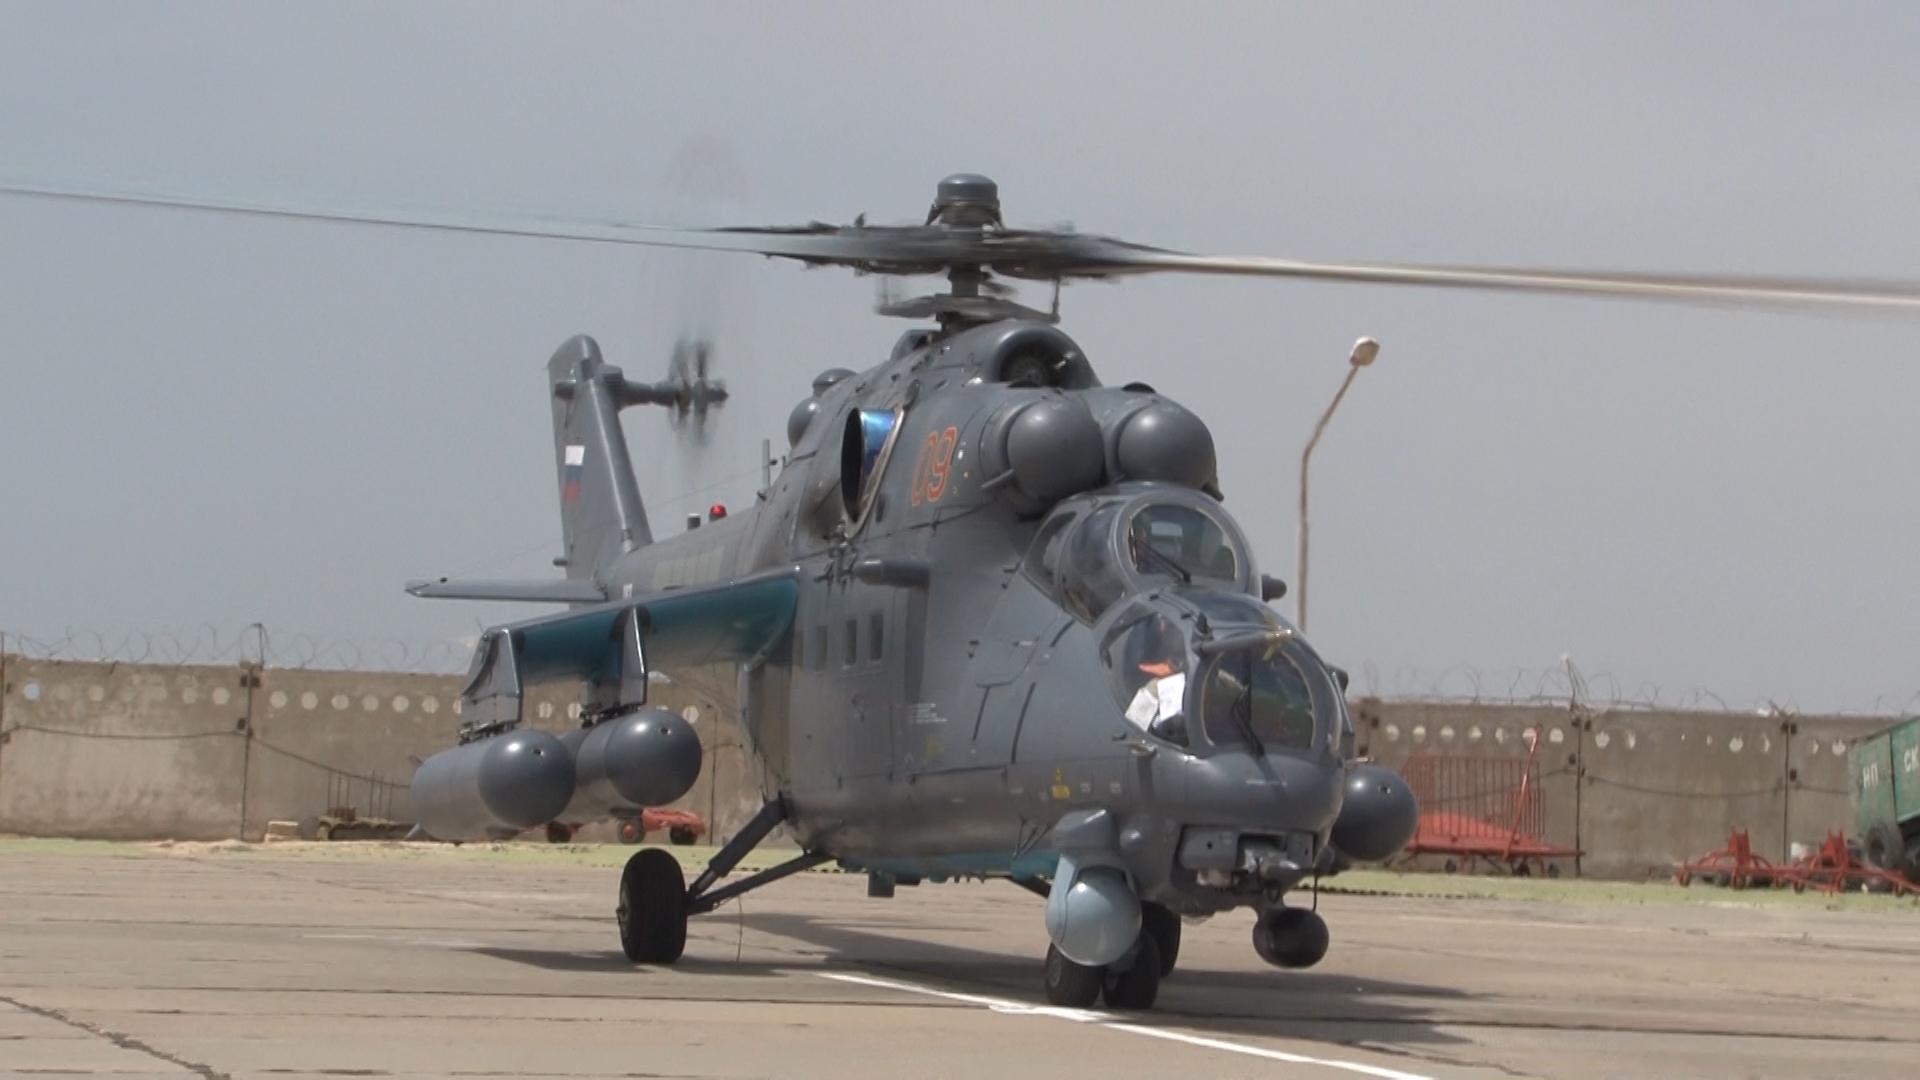 Шойгу отметил рост объема экспорта российской военной продукции в Казахстан